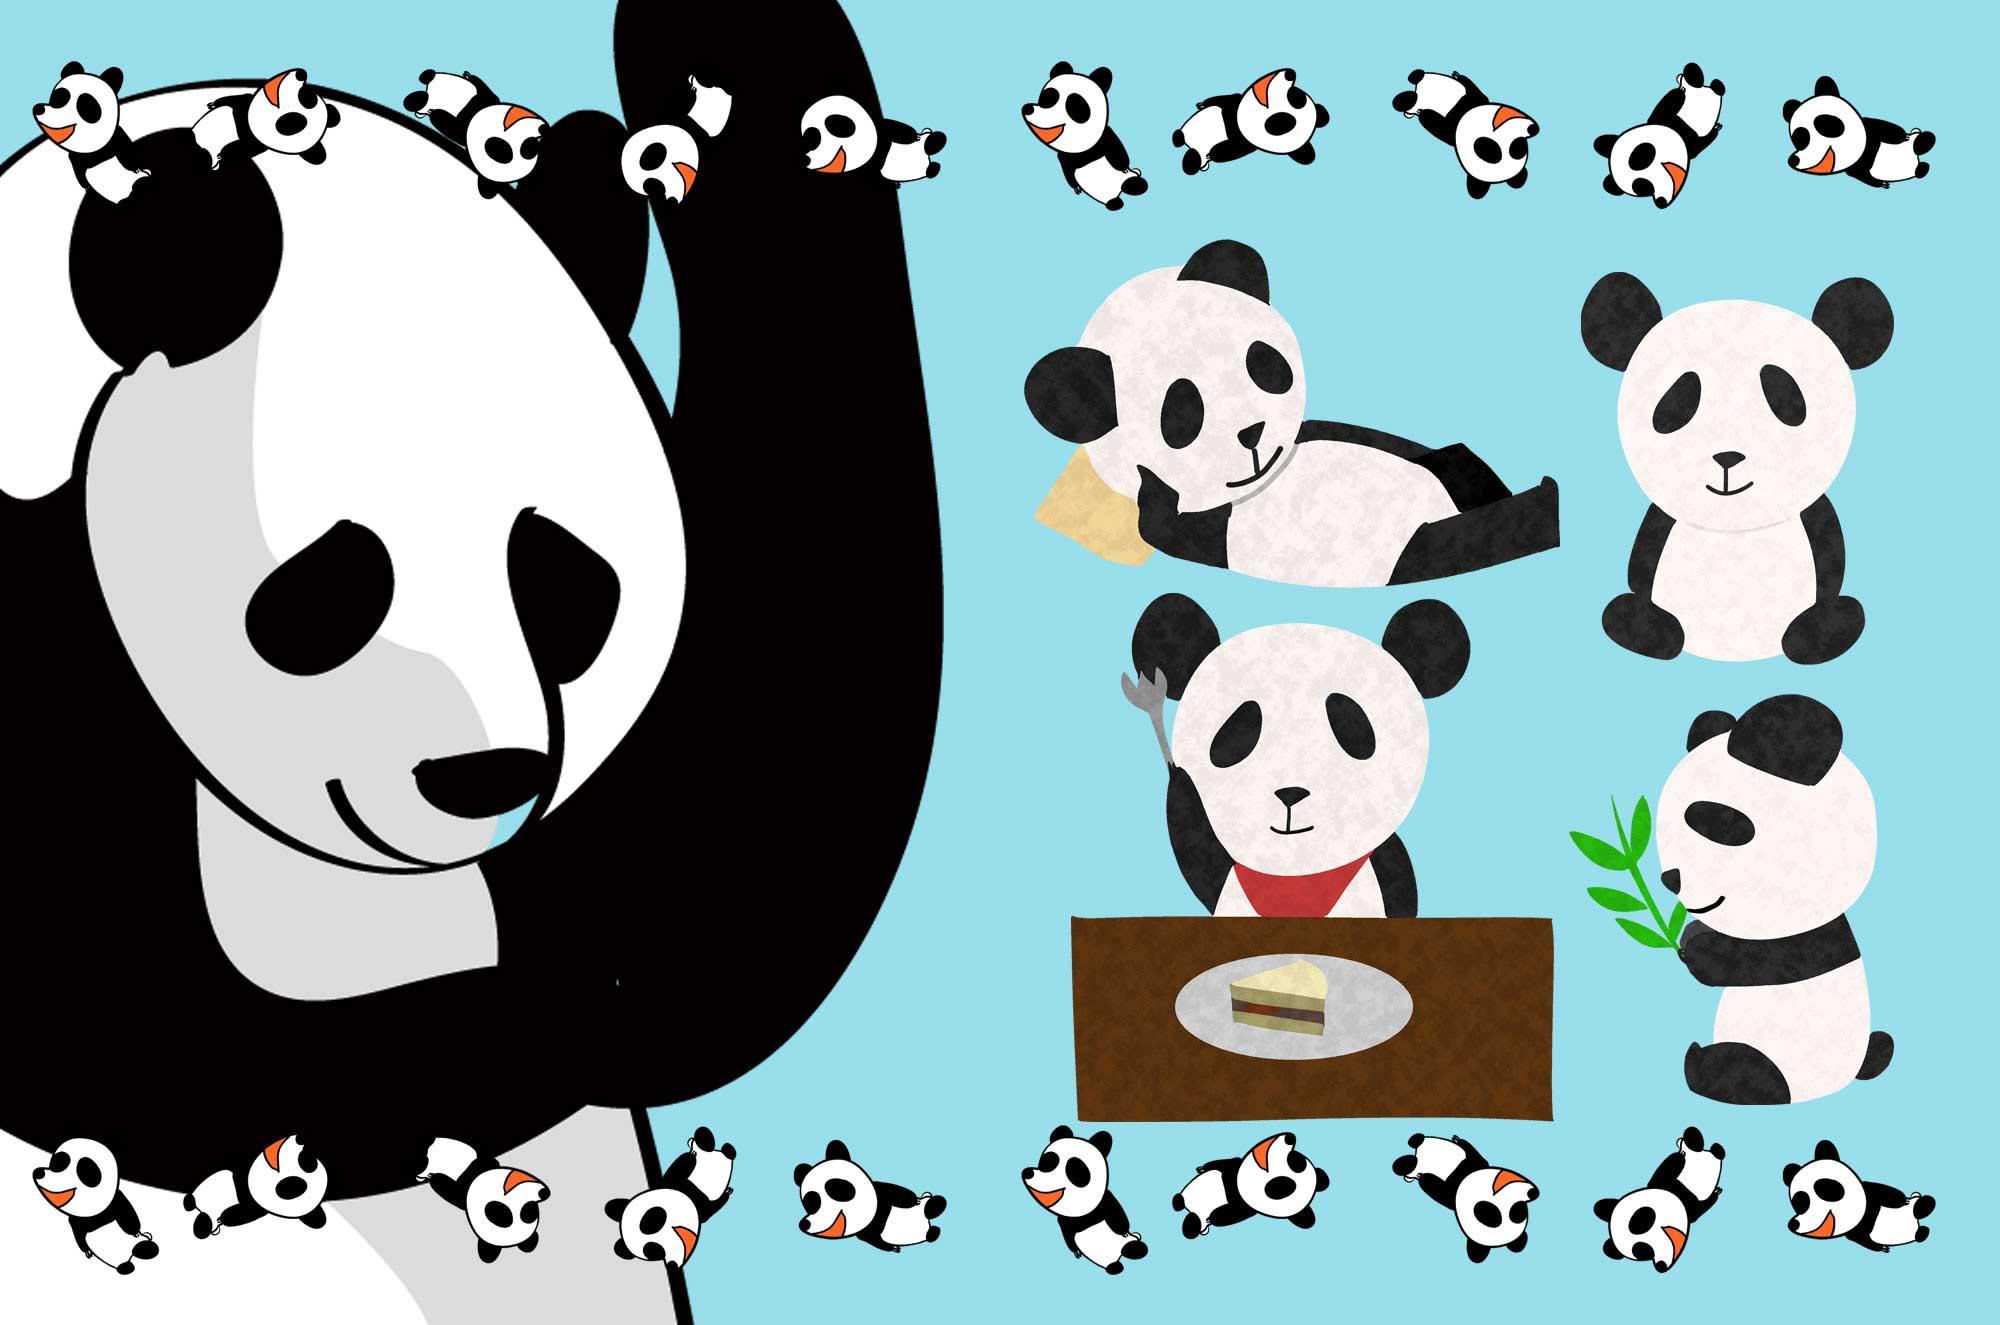 面白可愛いパンダのイラスト - フリーキャラクター素材 - チコデザ